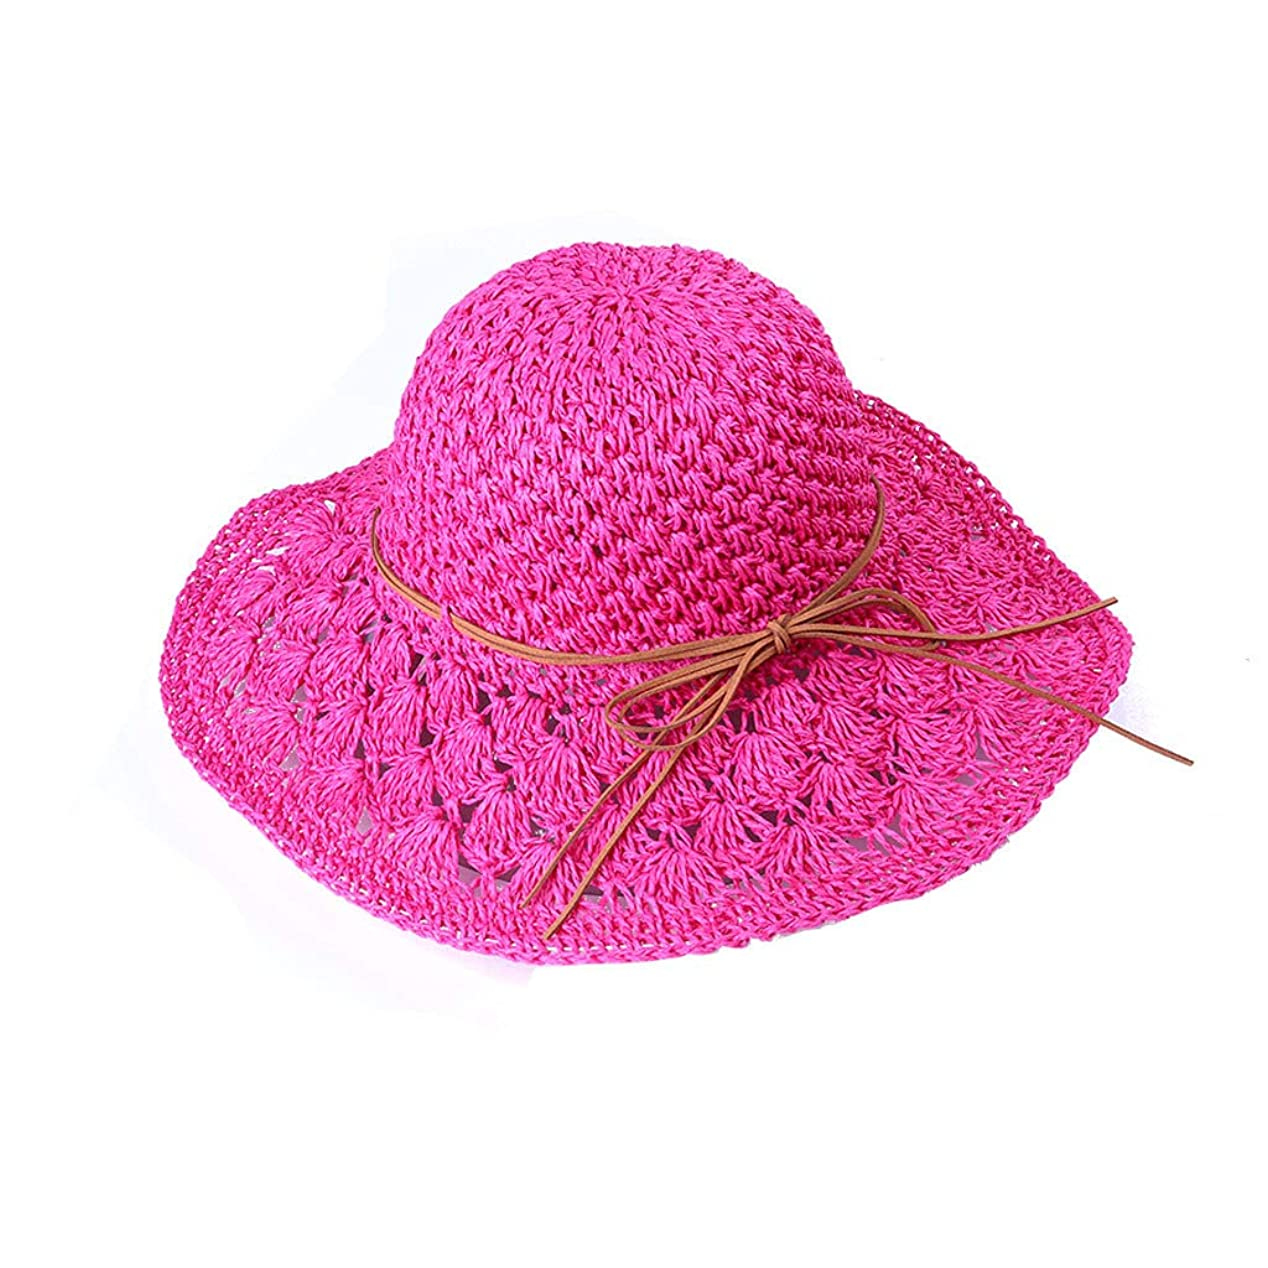 処方教える昇る帽子 レディース UVカット uv帽 熱中症予防 広幅 取り外すあご紐 スナップ収納 折りたたみ つば広 調節テープ 吸汗通気 つば広 紫外線カット サファリハット 紫外線対策 おしゃれ 高級感 ROSE ROMAN